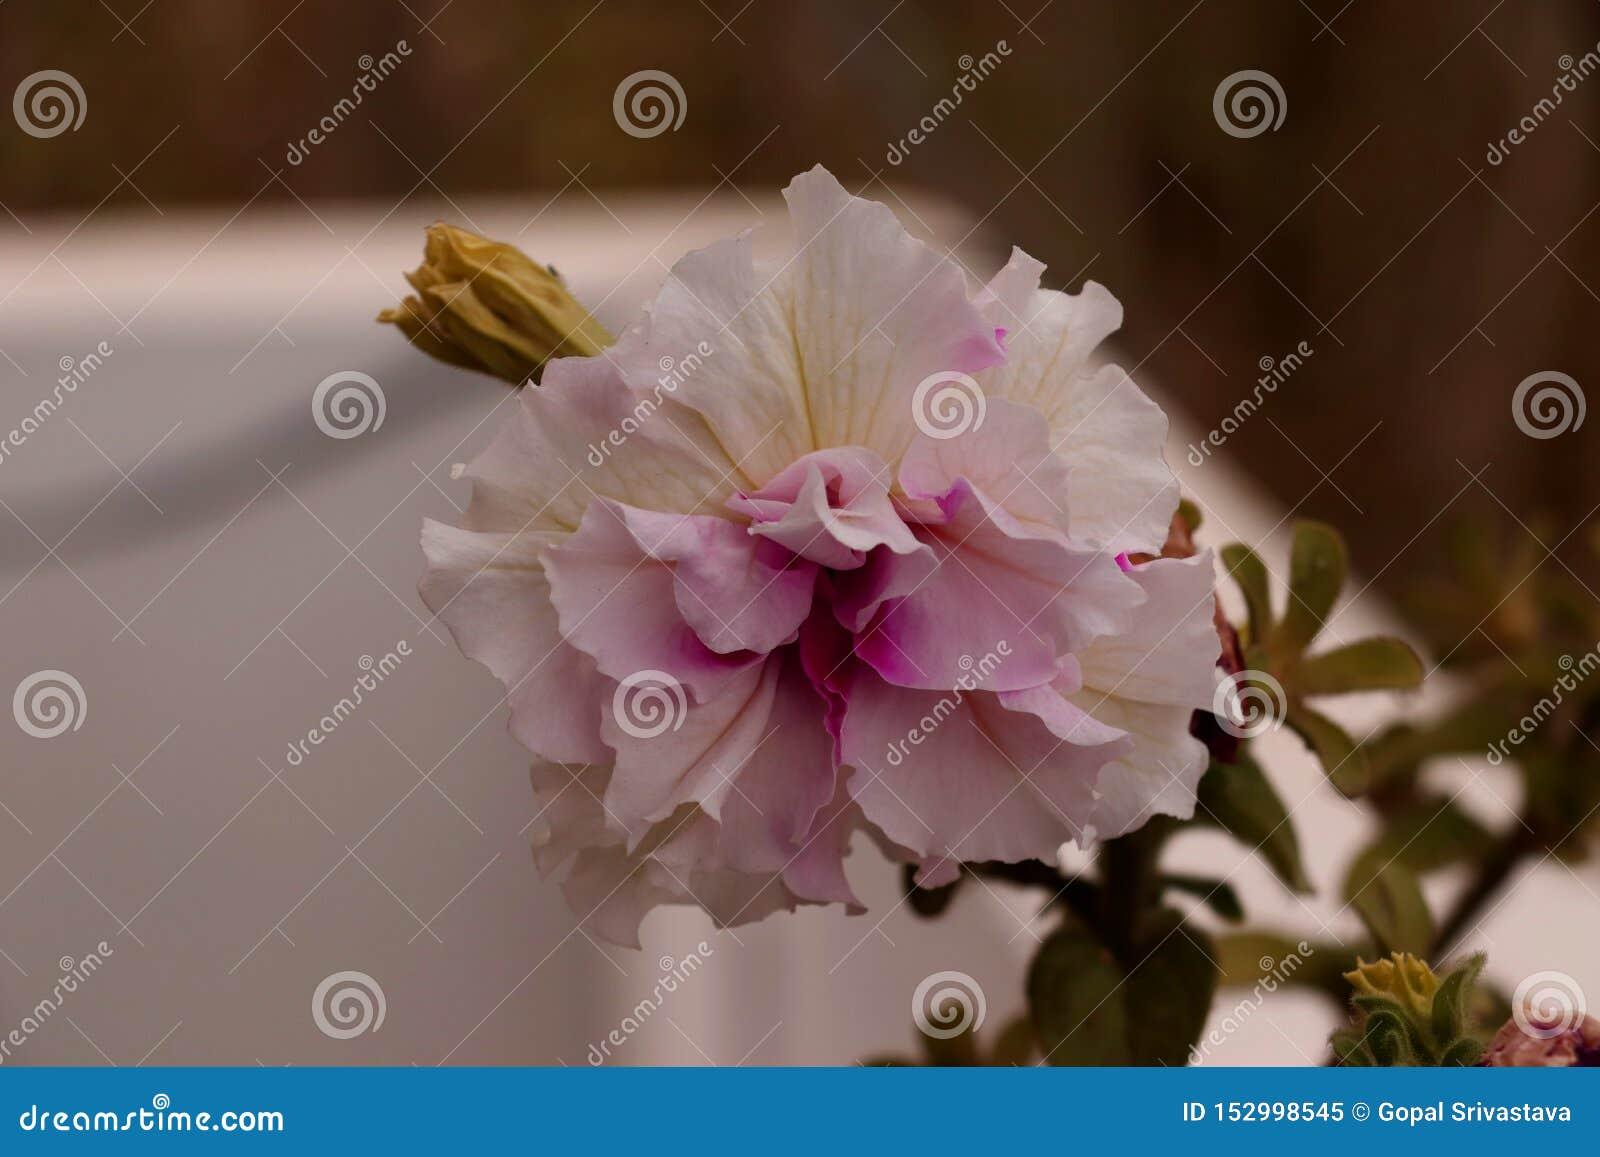 Красивый цветок с очень различной тенью